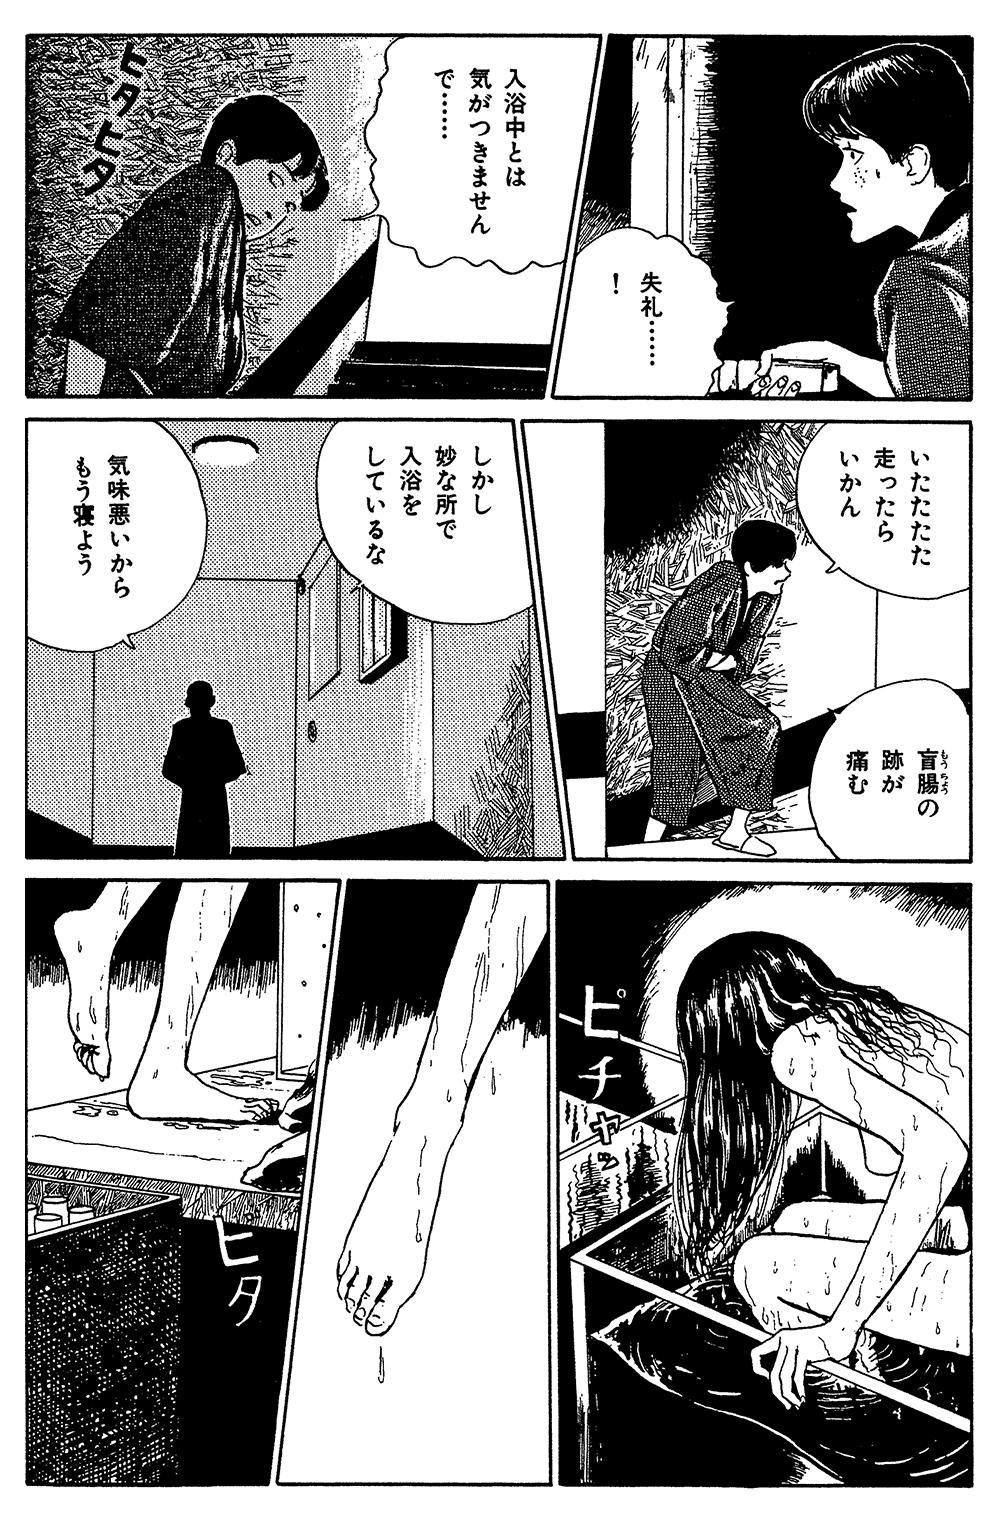 伊藤潤二傑作集 第3話「富江 地下室」②junji07-14.jpg